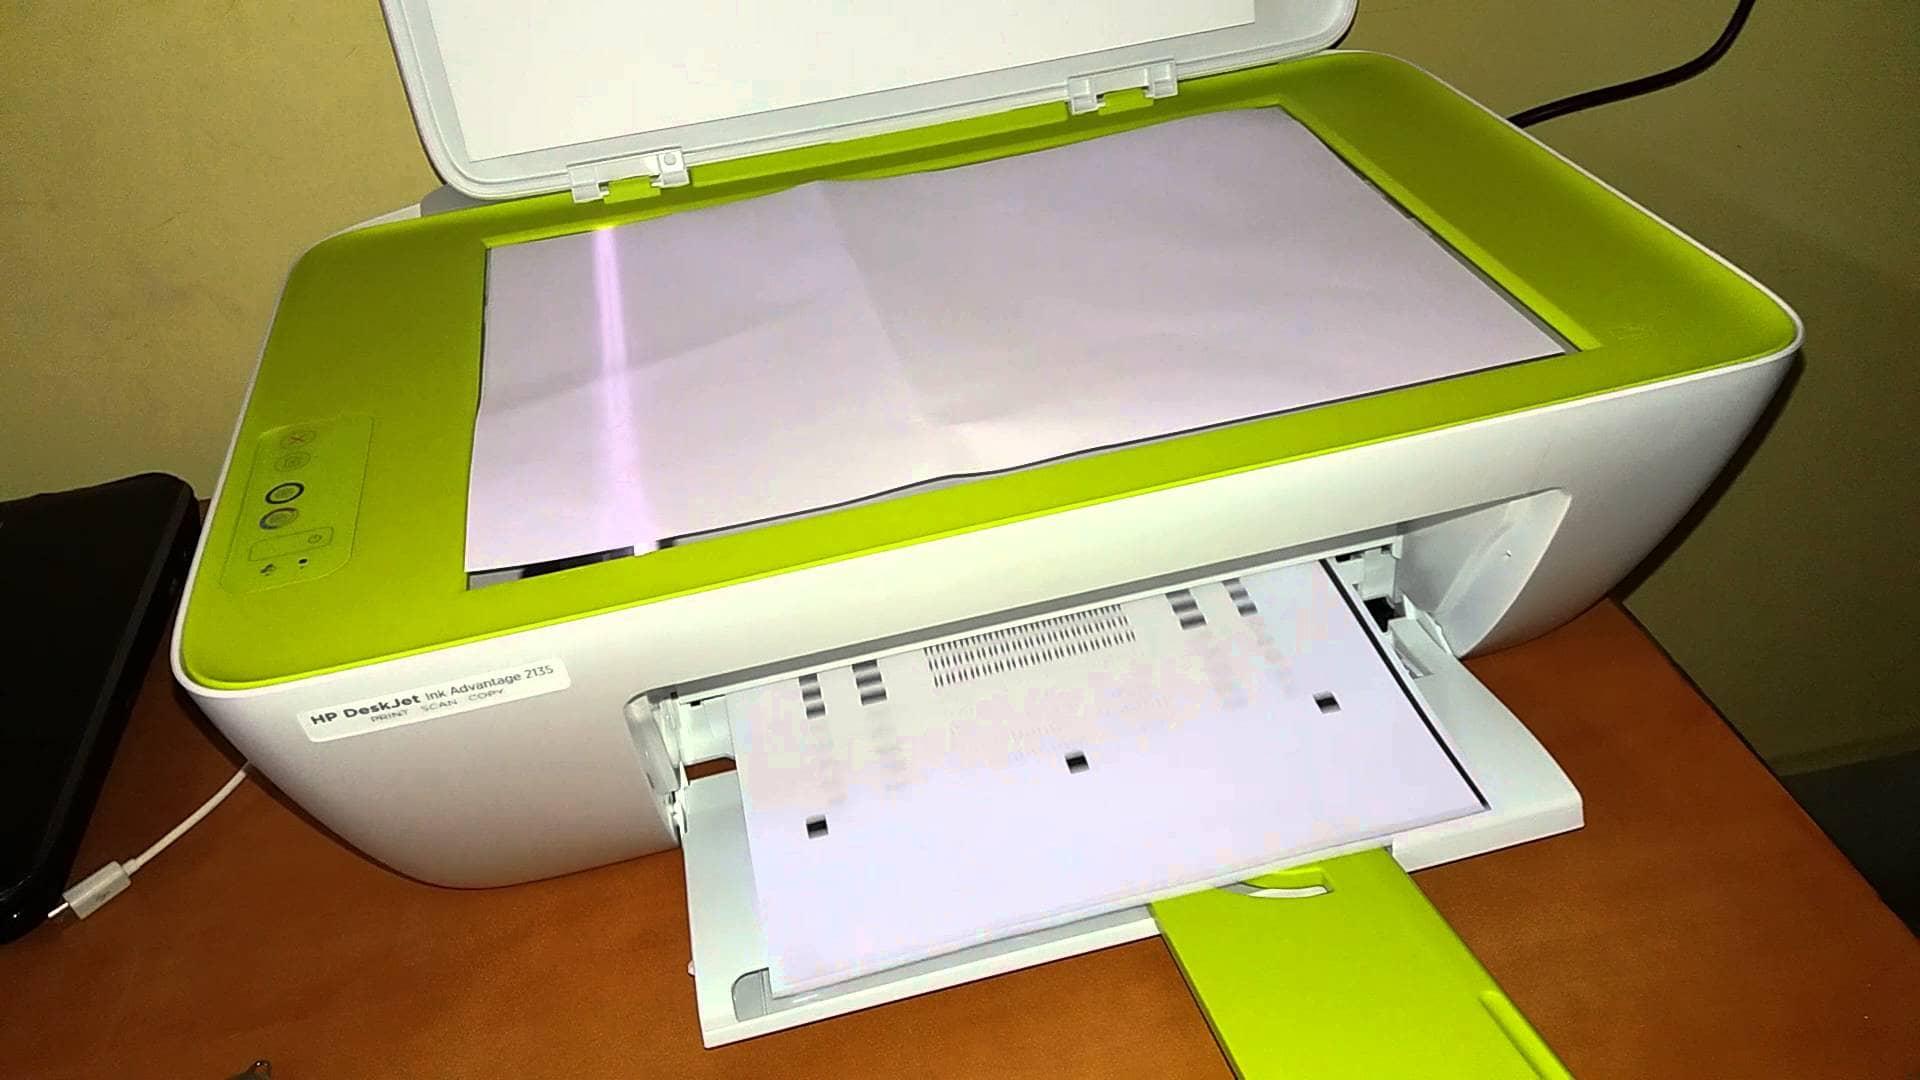 Printer Hp 2135 3 In 1 Print Scan Copy3 Daftar Harga Terbaru Dan 2676 Wifi Pengganti 3635 Jual Copy 1515 Deo Komputer